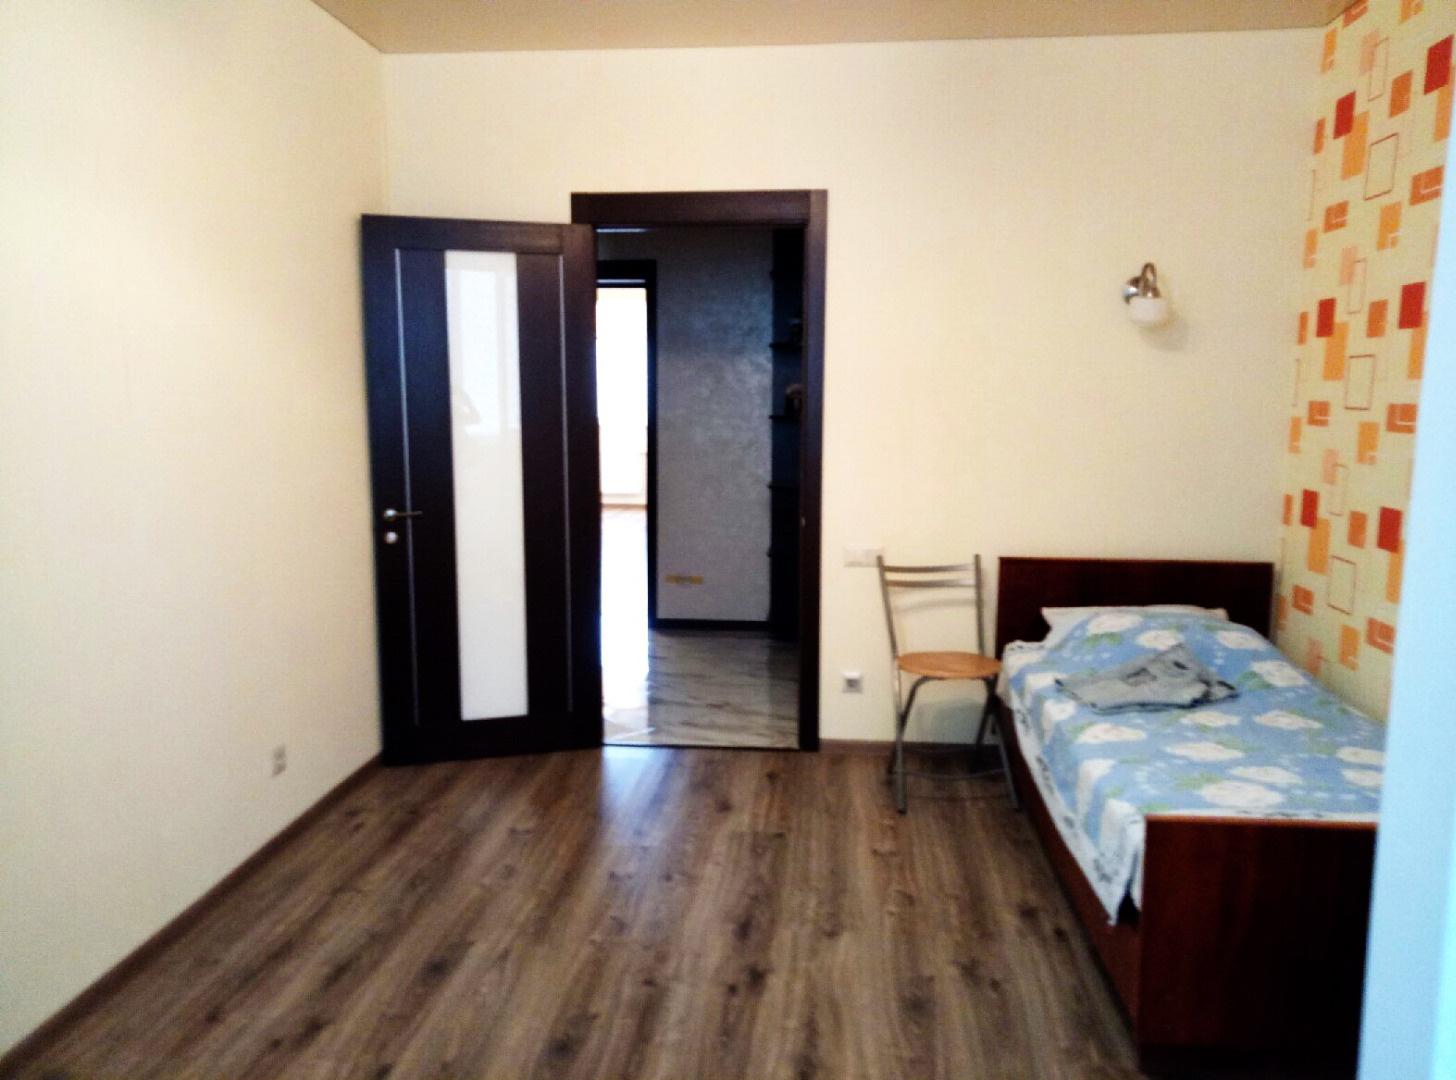 Продается 3-комнатная квартира на ул. Марсельская — 89 000 у.е. (фото №8)